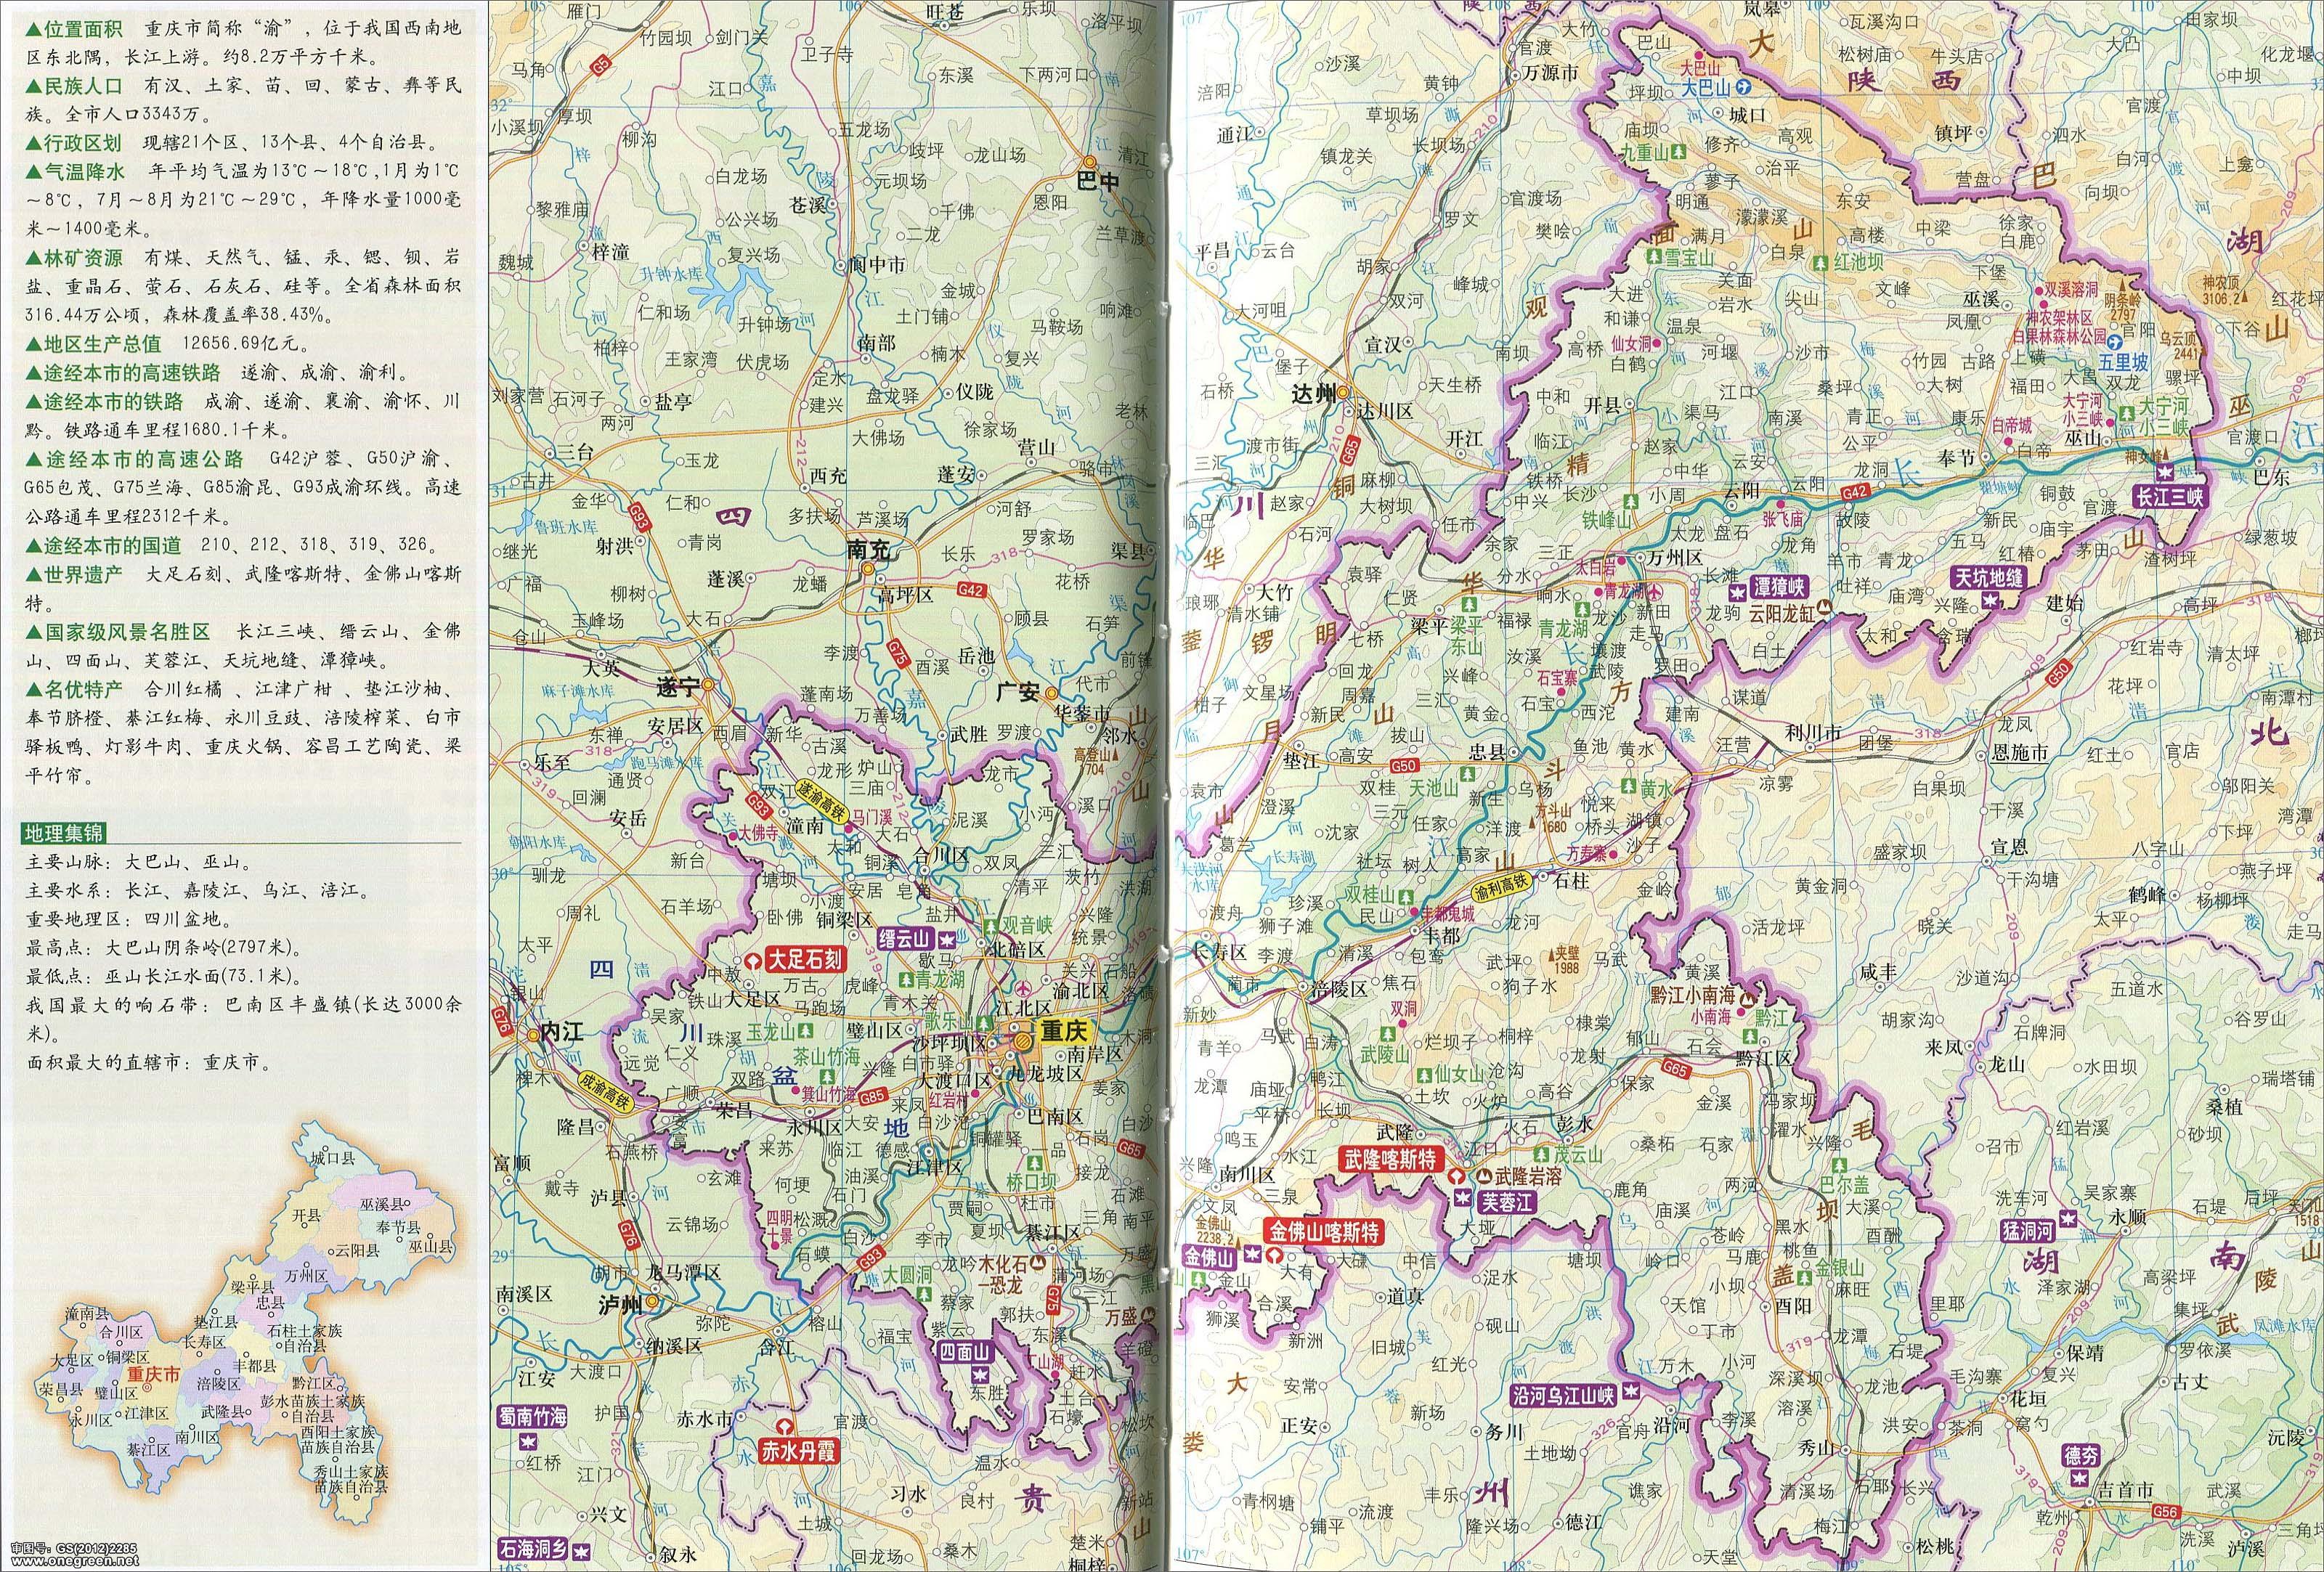 重庆地图地形版